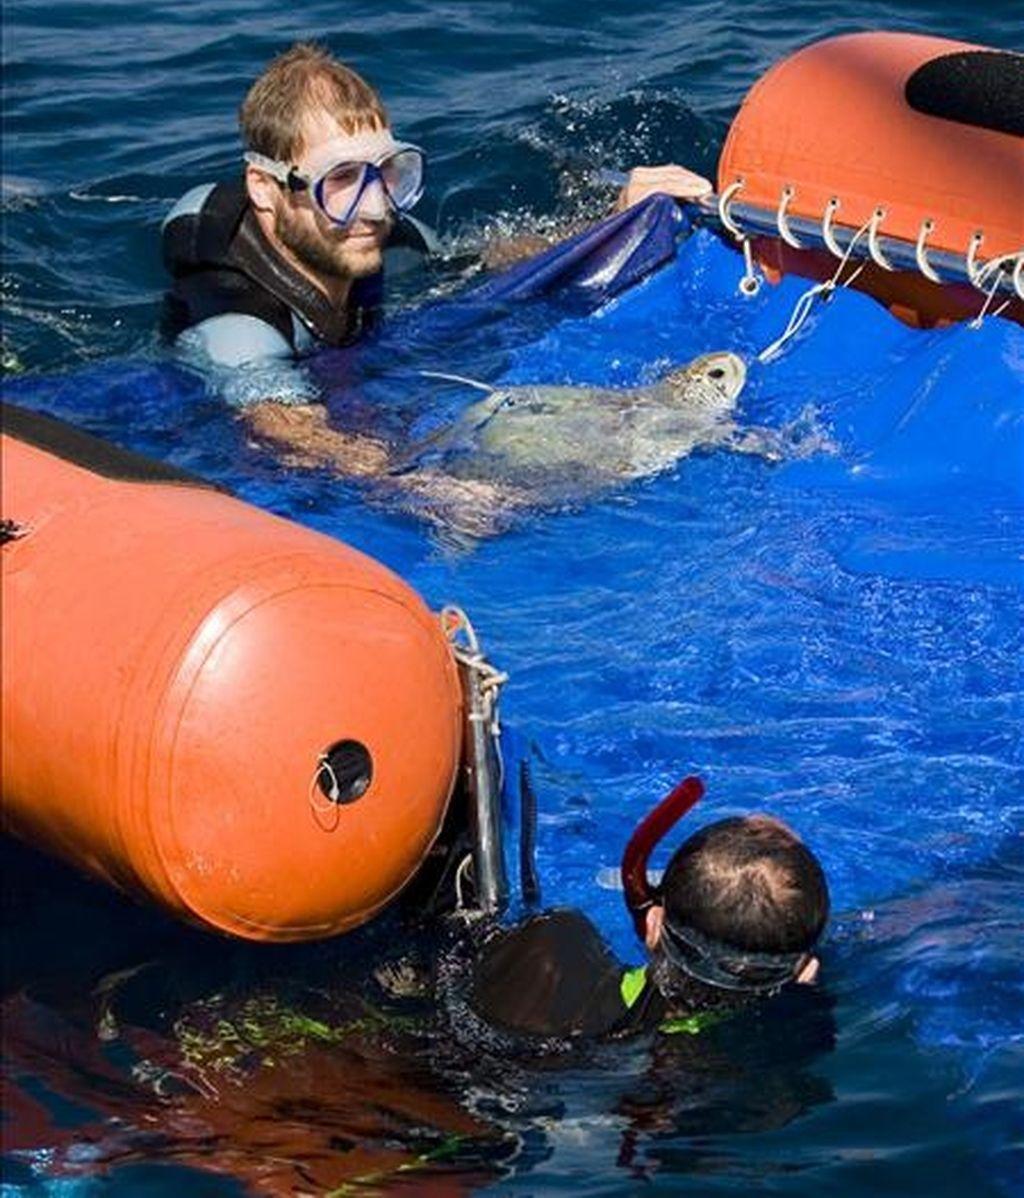 La Fundación para la Conservación y Recuperación de Animales Marinos (CRAM) ha liberado en el Mediterráneo la tortuga verde que apareció varada hace 6 meses en la playa del Trabucador del Delta del Ebro, tras colocarle un transmisor vía satélite que permitirá su seguimiento durante 1 año. EFE/CRAM